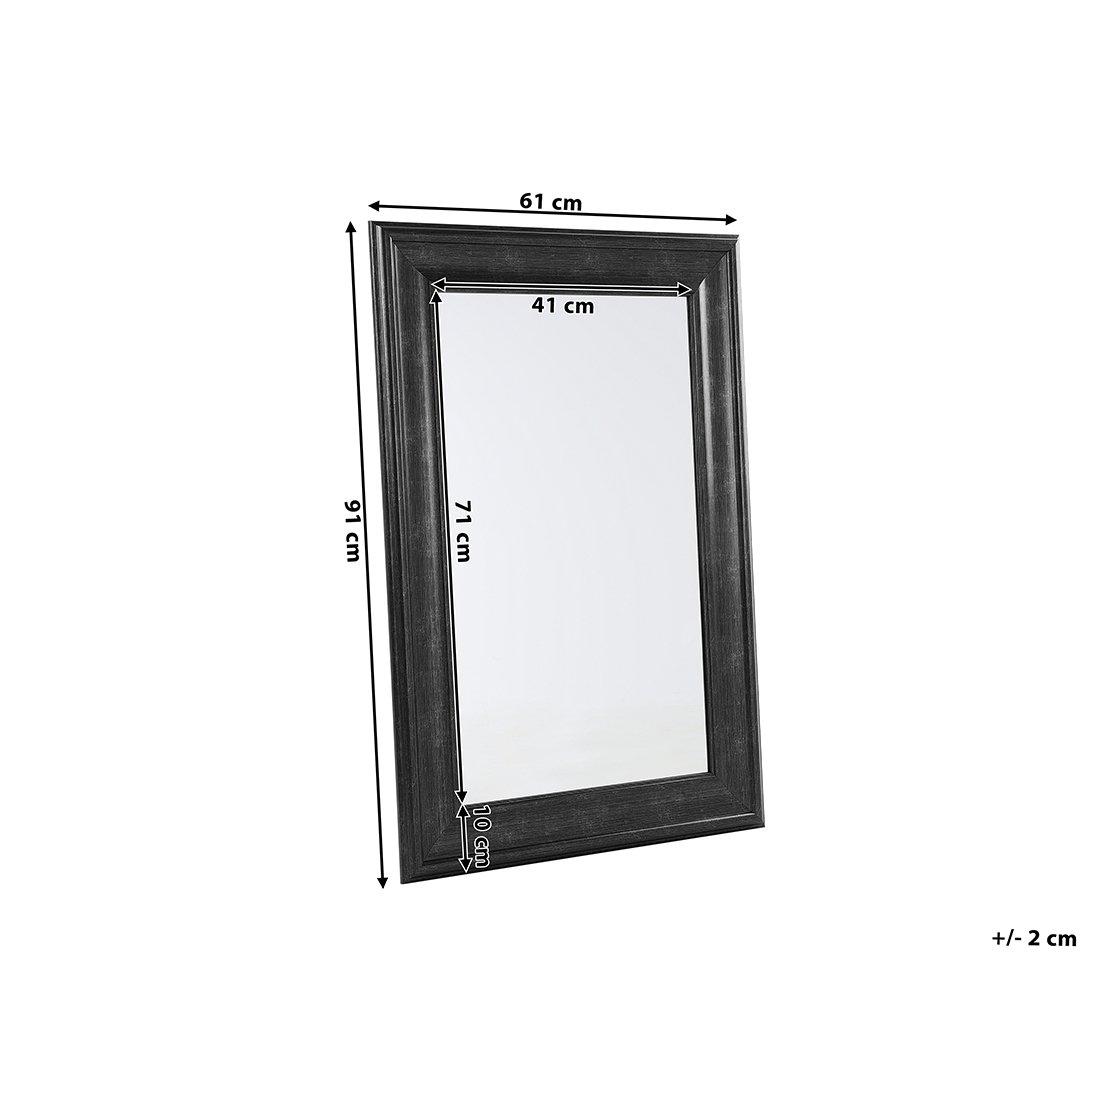 LUNEL 61x91cm Beliani Specchio Moderno da Parete con Cornice Nera